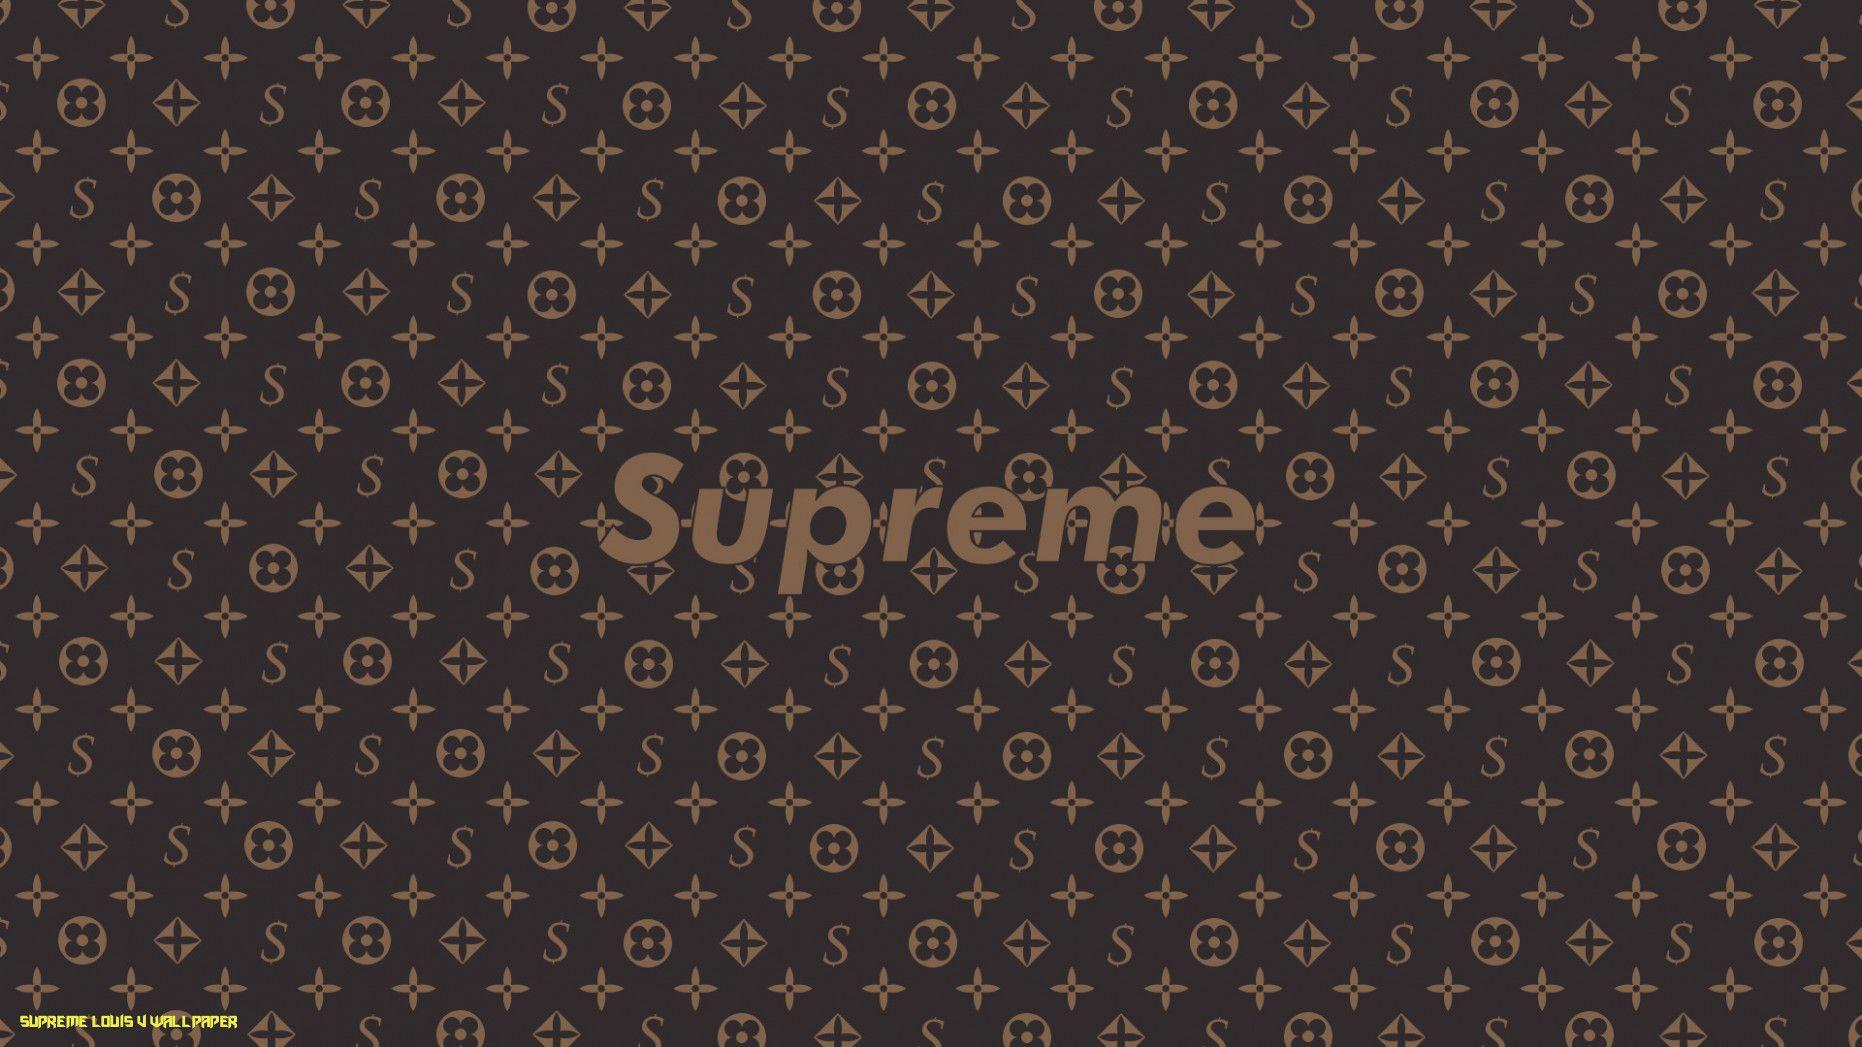 Louis Vuitton Supreme Wallpapers Hd Desktop And Mobile Supreme Wallpaper Louis Vuitton Supreme Supreme Wallpaper Hd